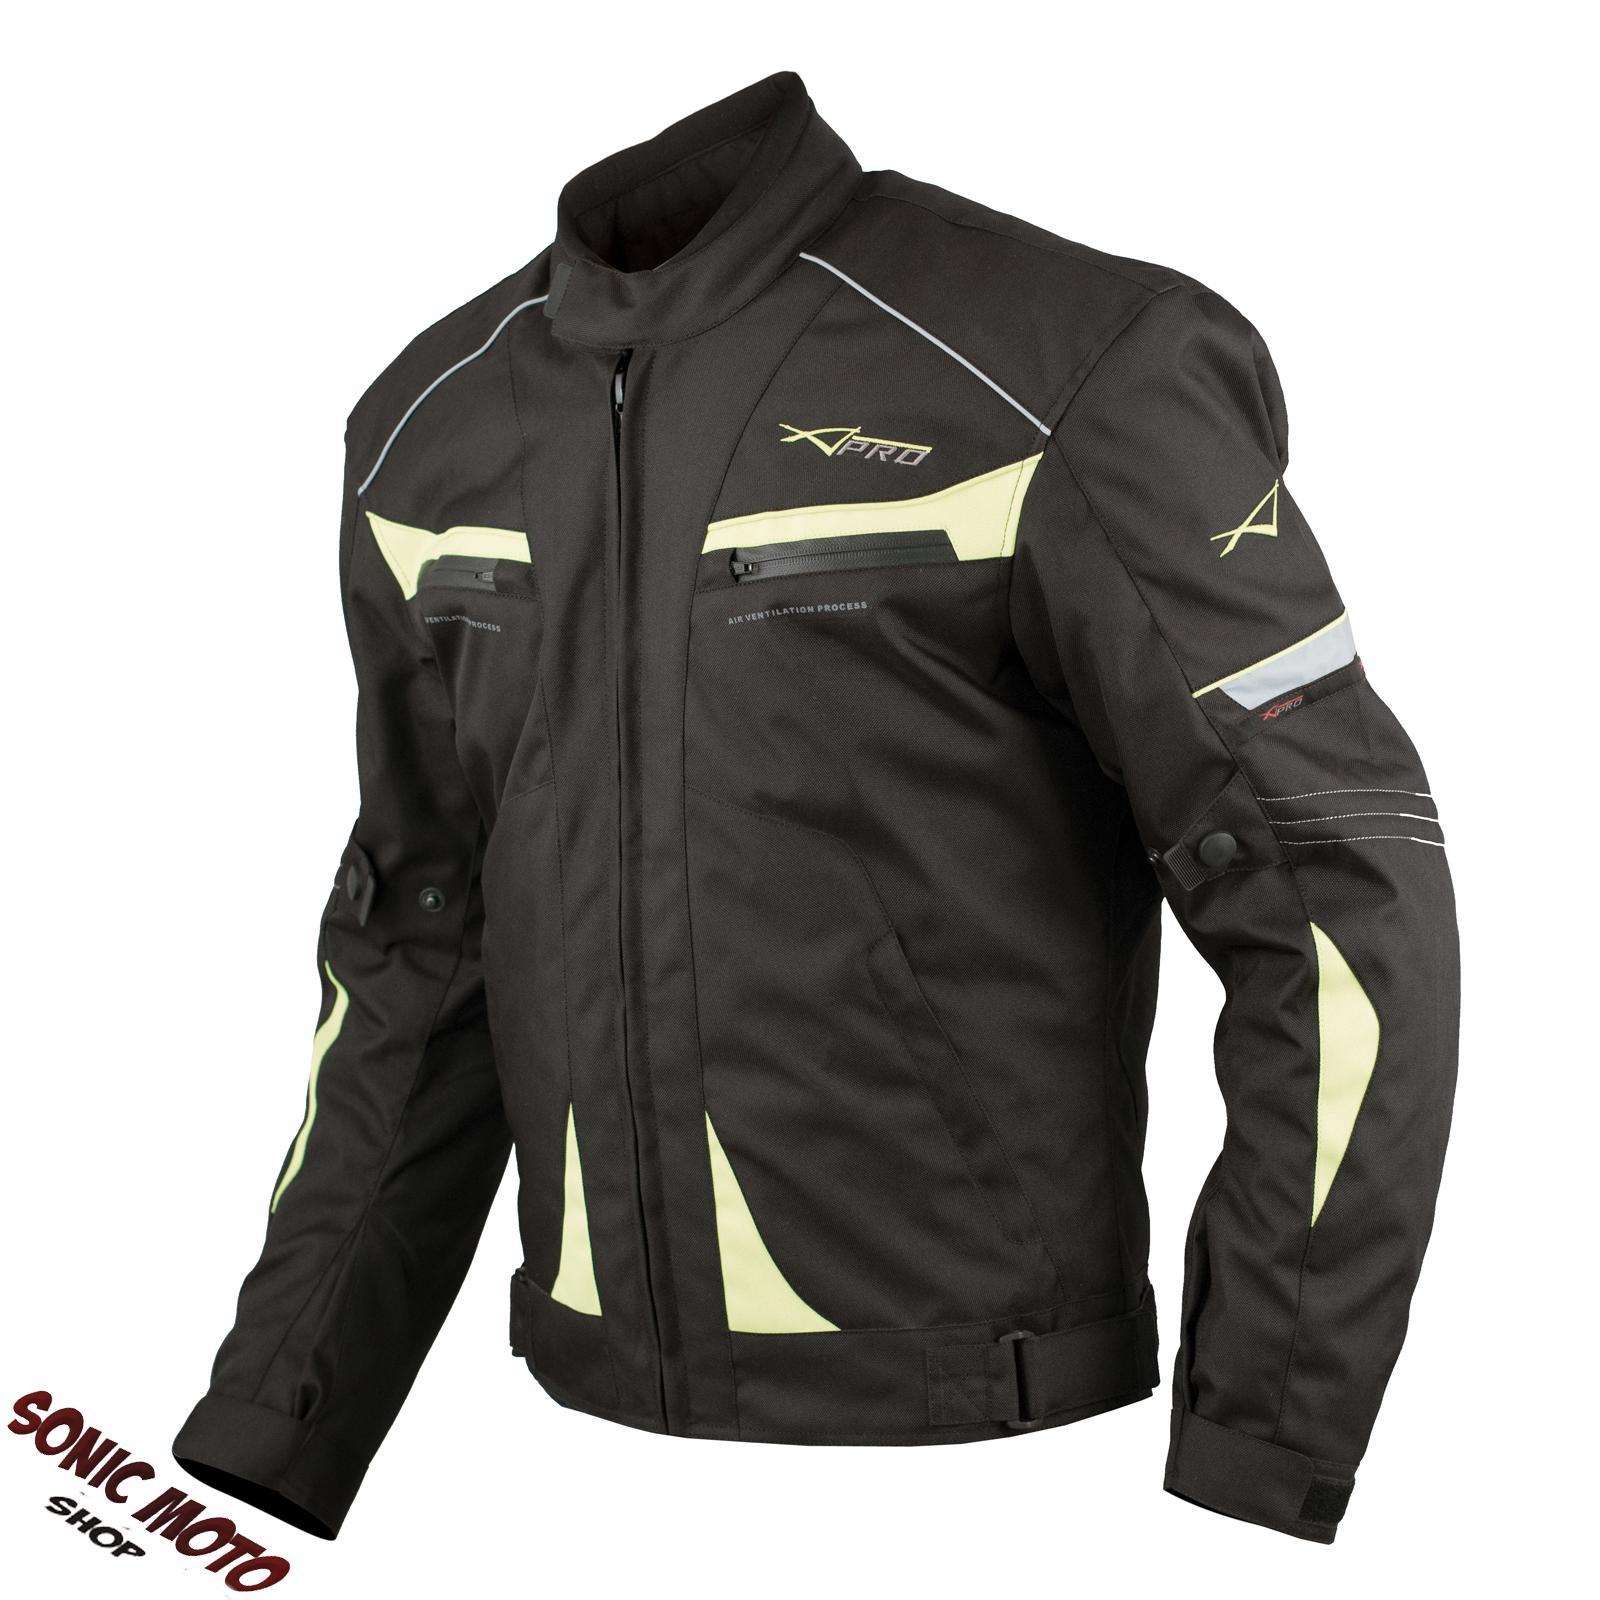 Giacca-Moto-Sport-Tessuto-Protezioni-CE-Impermeabile-Ventilata-Fluo